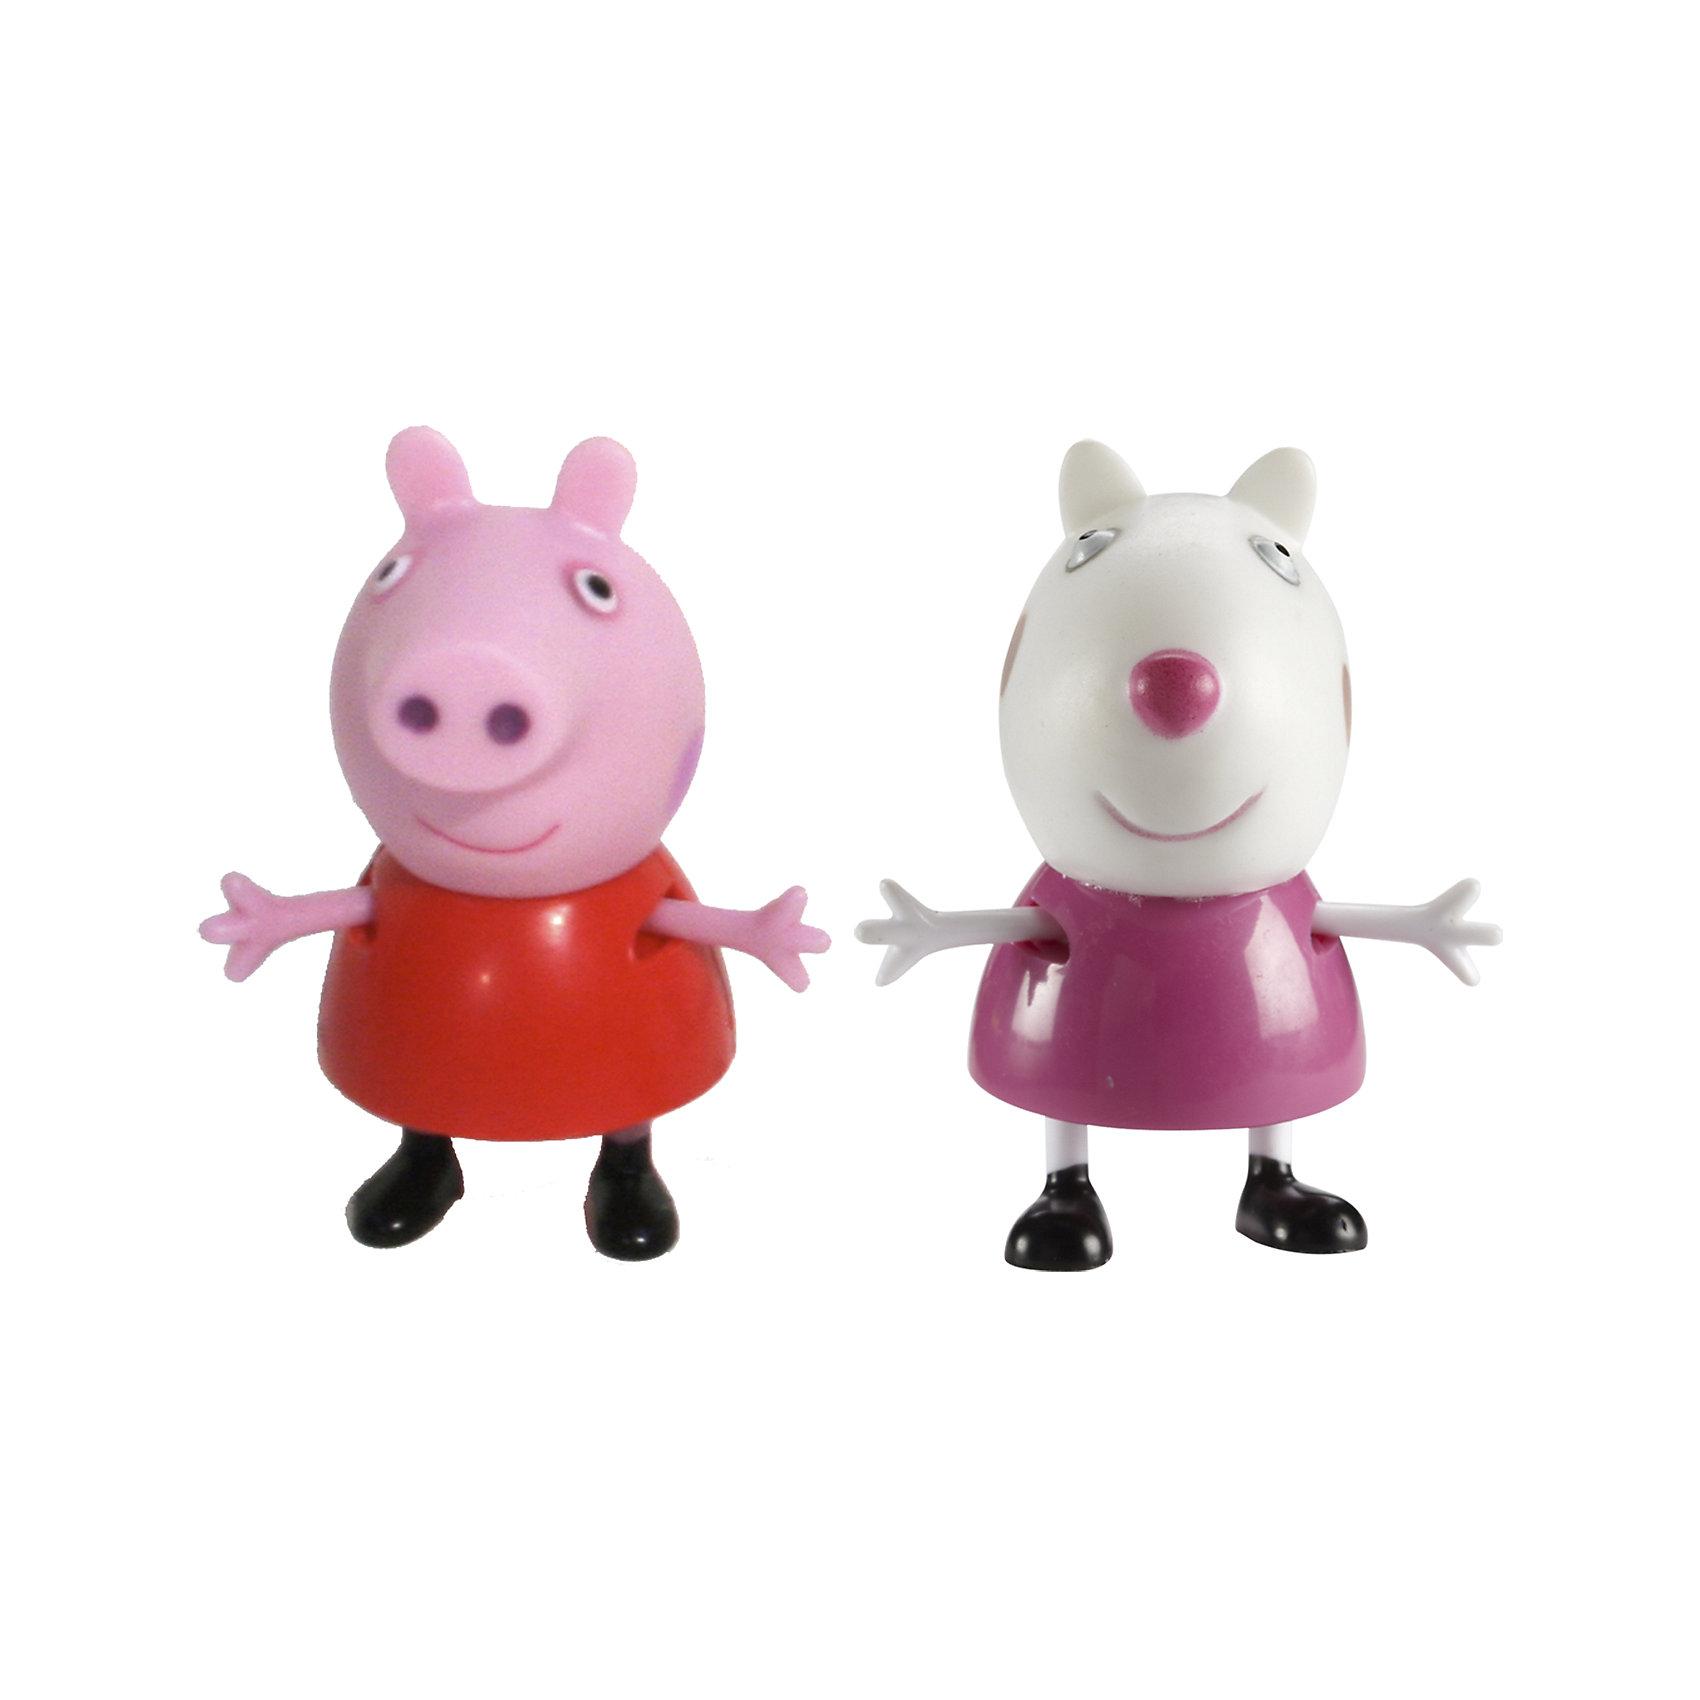 Игровой набор Пеппа и Сьюзи, Свинка ПеппаКоллекционные и игровые фигурки<br>Добро пожаловать в мир Свинки Пеппы! С забавными игрушками из серии «Peppa Pig» веселые мультфильмы оживут прямо у вас дома, а малыши станут участниками увлекательных приключений Пеппы и ее друзей. В наборе Пеппа и Сьюзи 2 фигурки, которые могут сидеть, стоять, двигать ручками и ножками. Игрушки выполнены из высококачественных экологичных материалов безопасных для детей. Собери всех героев известного мультсериала, проигрывай любимые сцены или придумывай свои новые истории! <br><br>Дополнительная информация:<br><br>- Материал: пластик.<br>- Руки, ноги фигурок подвижные. <br>- Размер фигурок: 5 см.<br><br>Игровой набор Пеппа и Сьюзи Свинка Пеппа, можно купить в нашем магазине.<br><br>Ширина мм: 140<br>Глубина мм: 50<br>Высота мм: 155<br>Вес г: 85<br>Возраст от месяцев: 36<br>Возраст до месяцев: 72<br>Пол: Унисекс<br>Возраст: Детский<br>SKU: 4261817